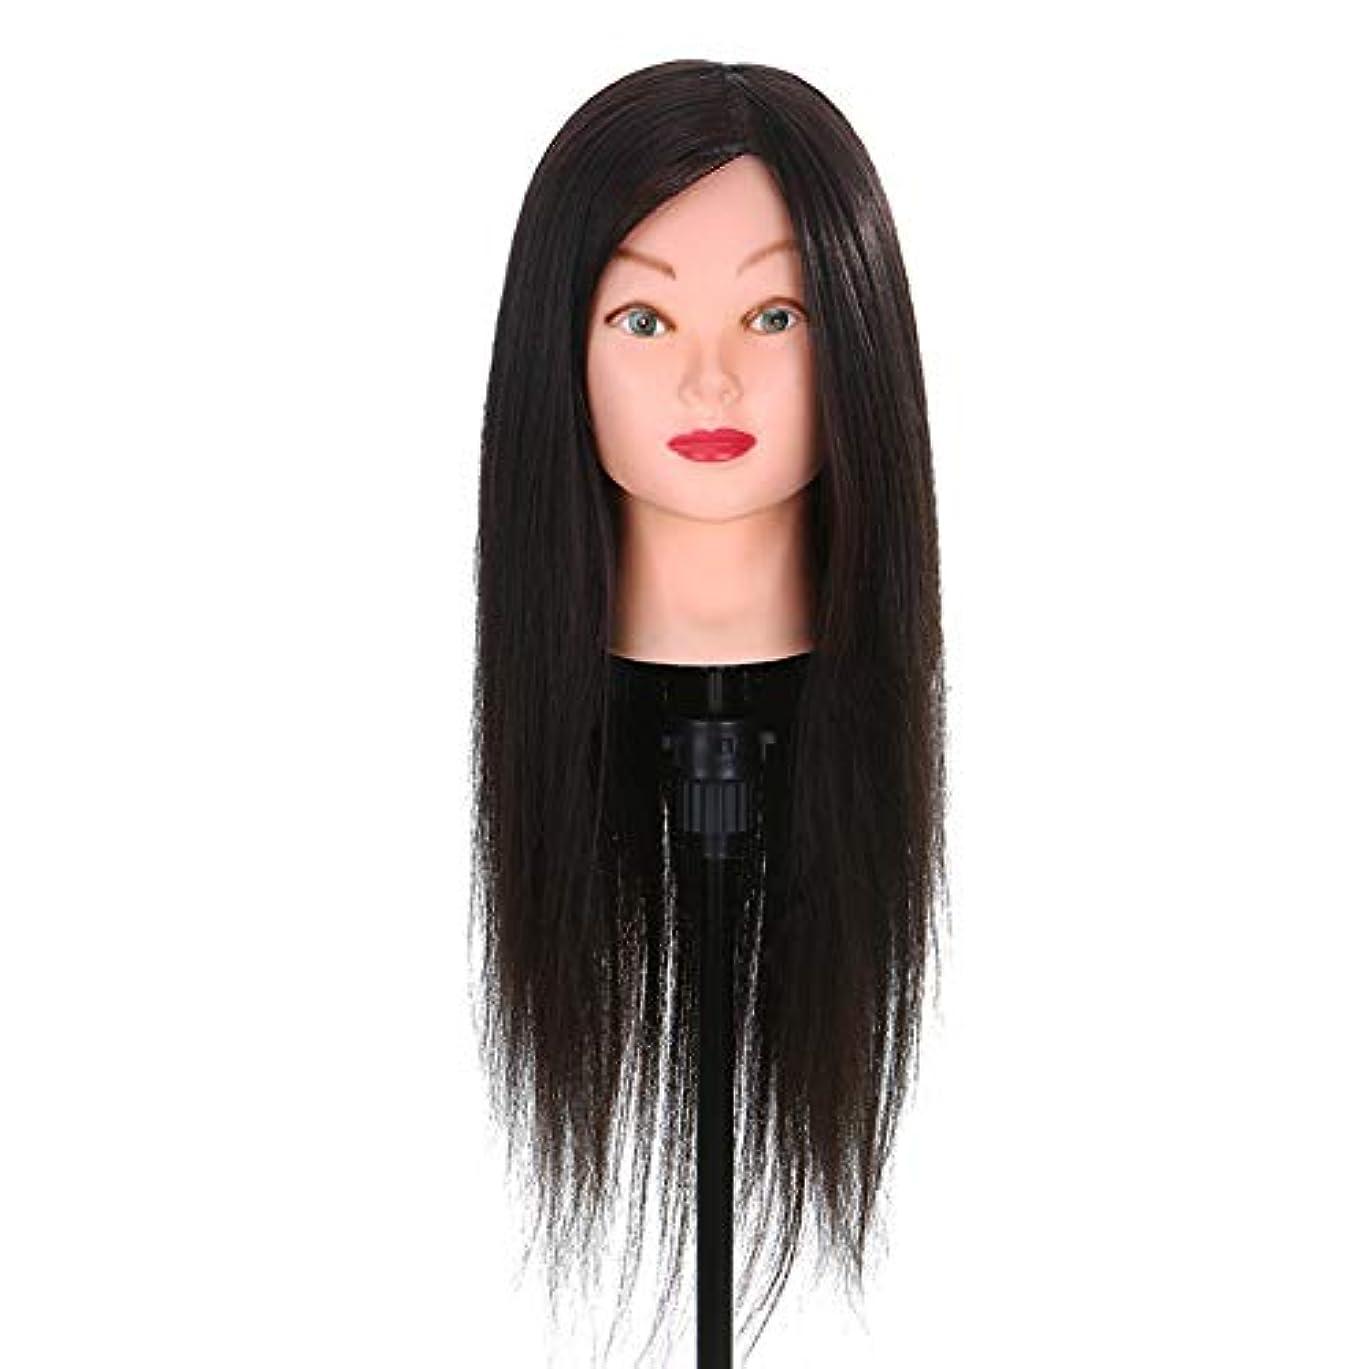 ランクの頭の上脊椎練習ディスク髪編組ヘアモデル理髪店スクールティーチングヘッドロングかつら美容マネキンヘッドブラケット